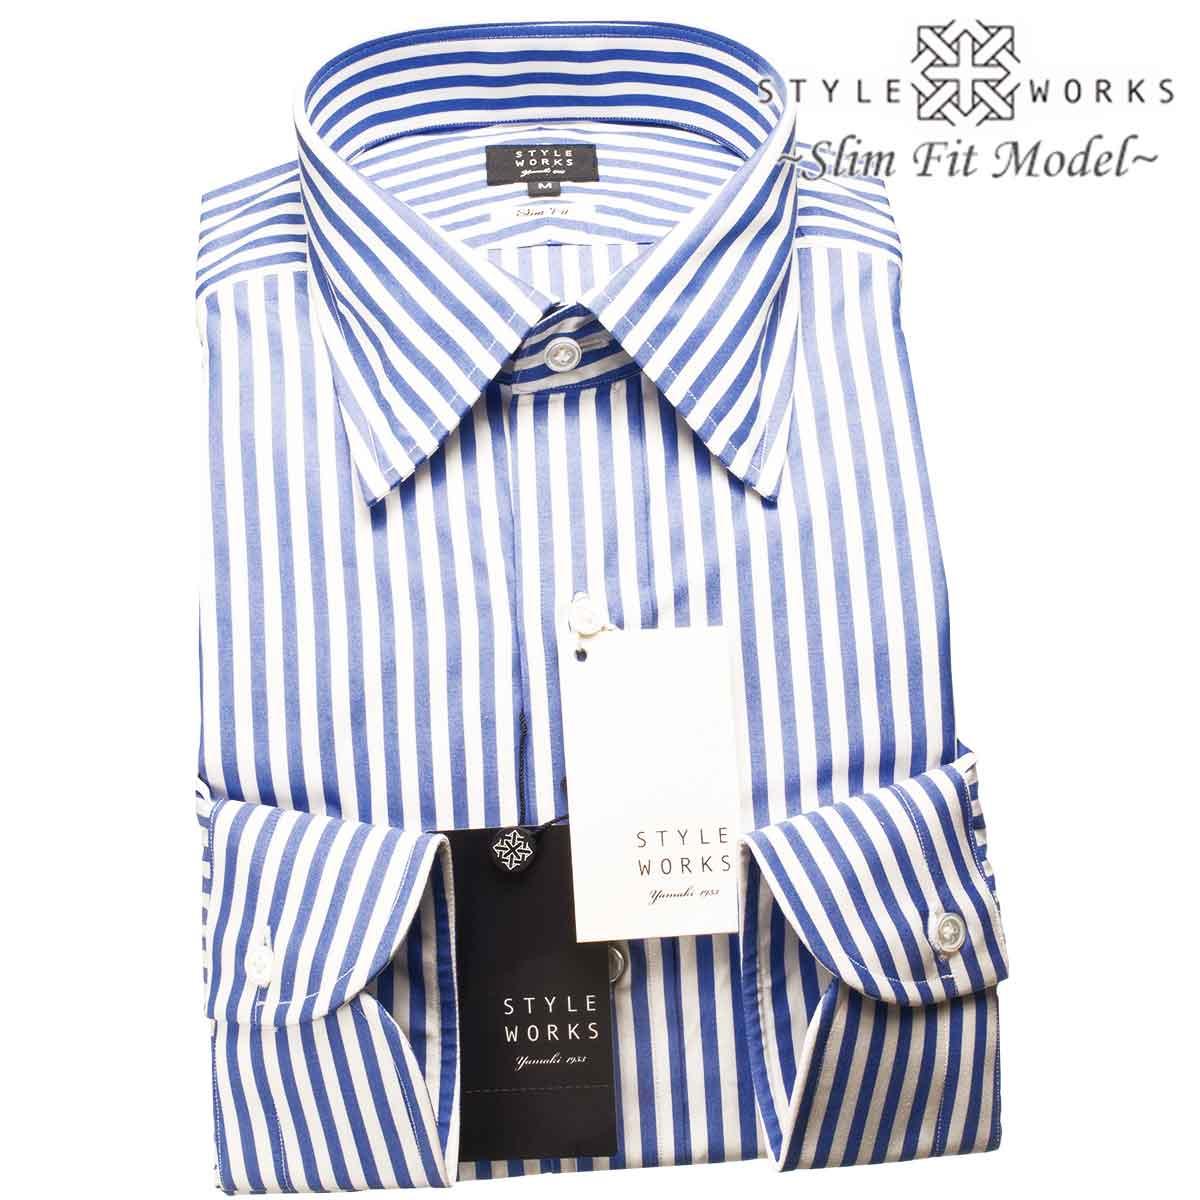 ドレスシャツ ワイシャツ シャツ メンズ 国産 長袖 スリムフィット GIZA88 レギュラーカラー ブルーブロック・ロンドンストライプ